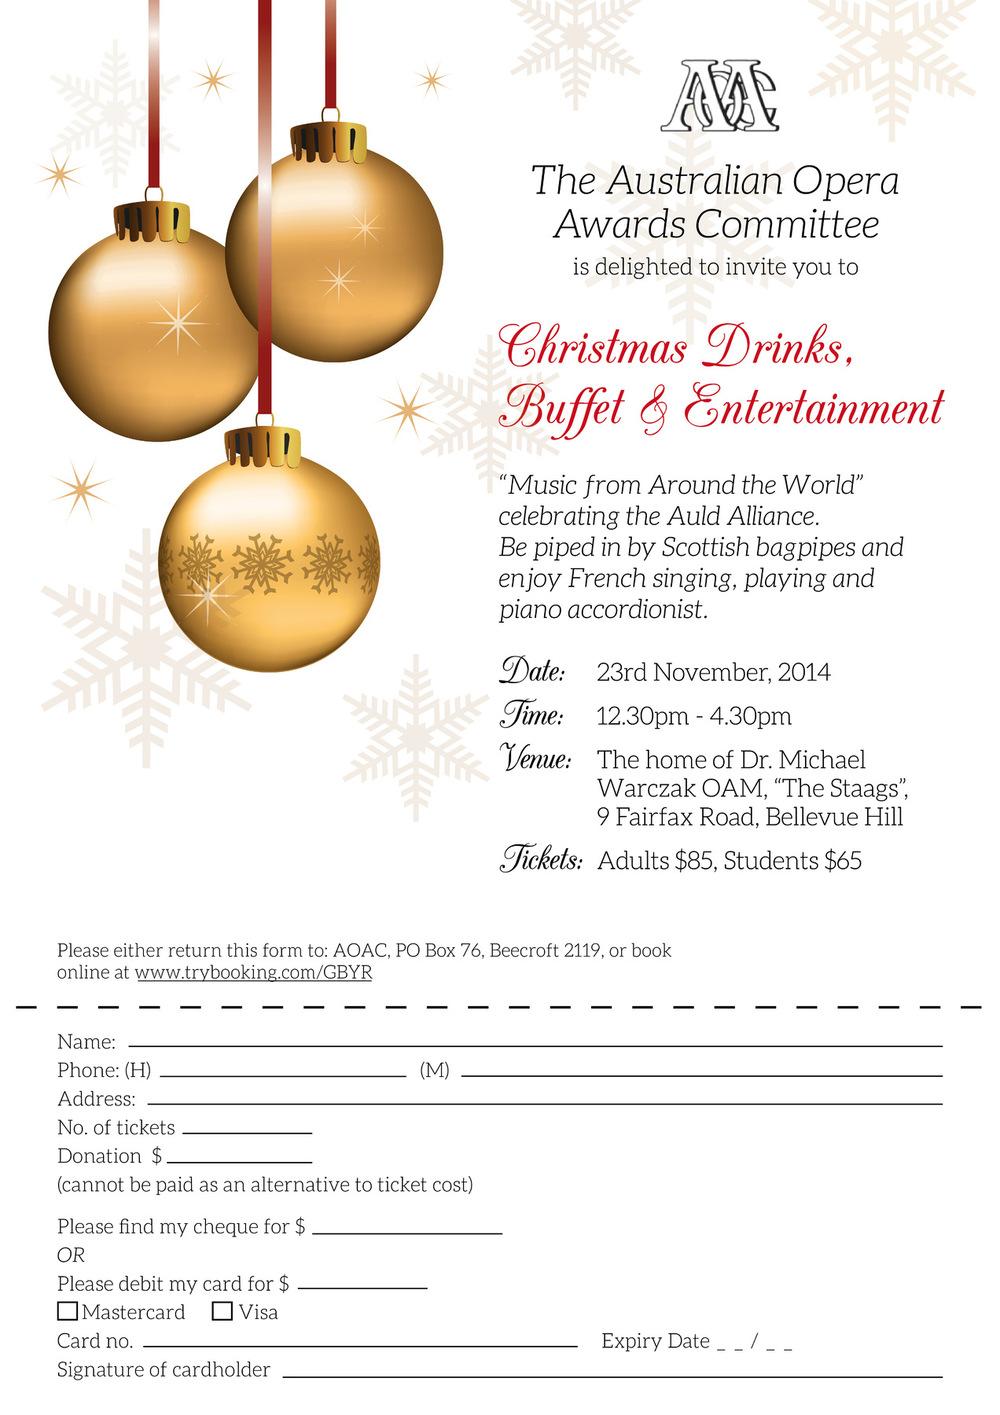 Kimberly Errey - AOAC Christmas Party Invitation artwork